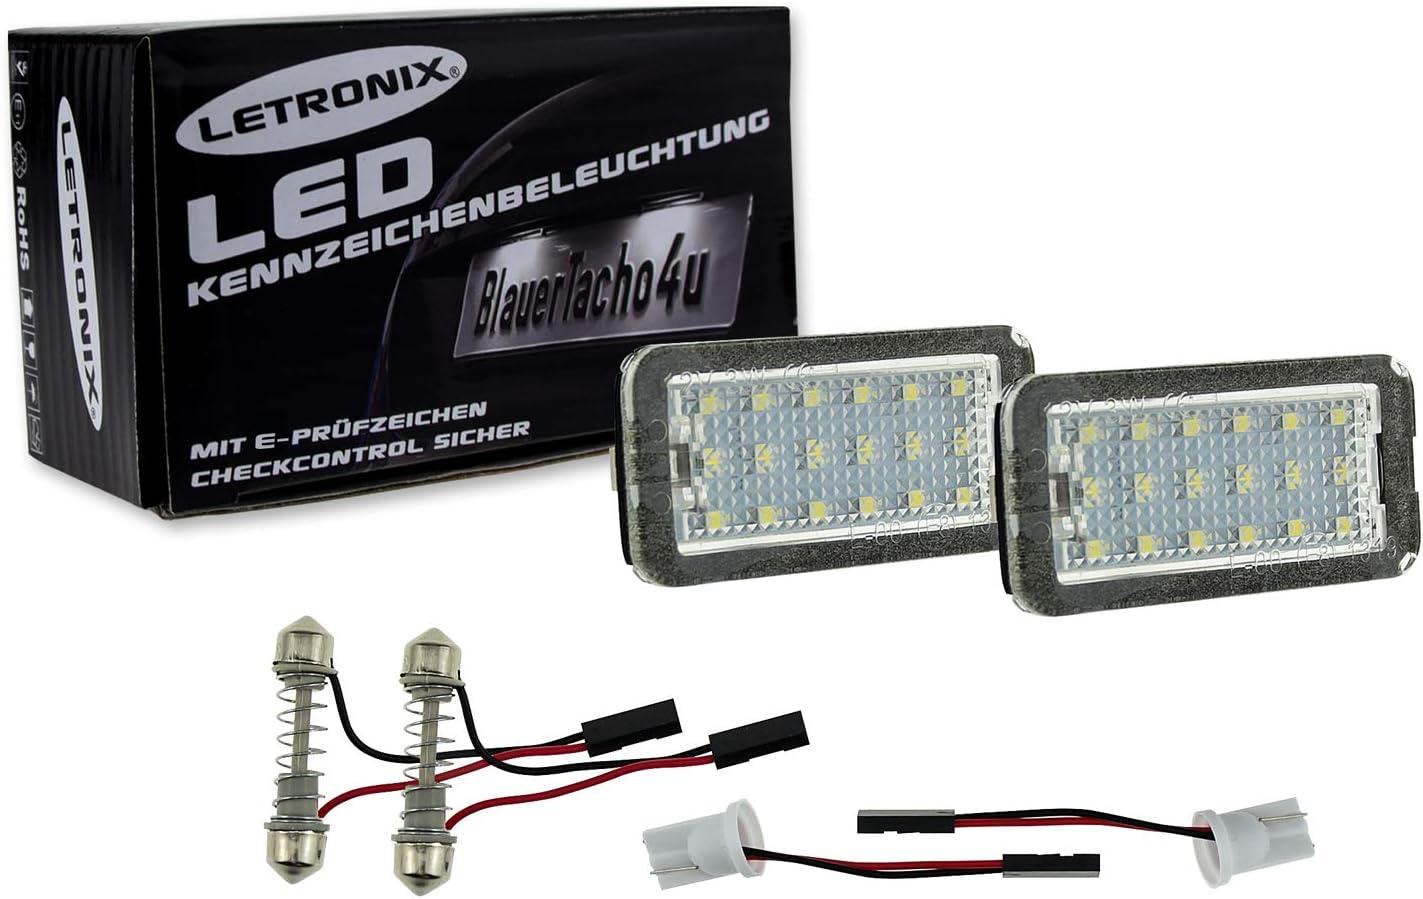 LETRONIX SMD LED Kennzeichenbeleuchtung Module 500 2007-2016 500C Cabrio 2009-2016 mit E-Pr/üfzeichen